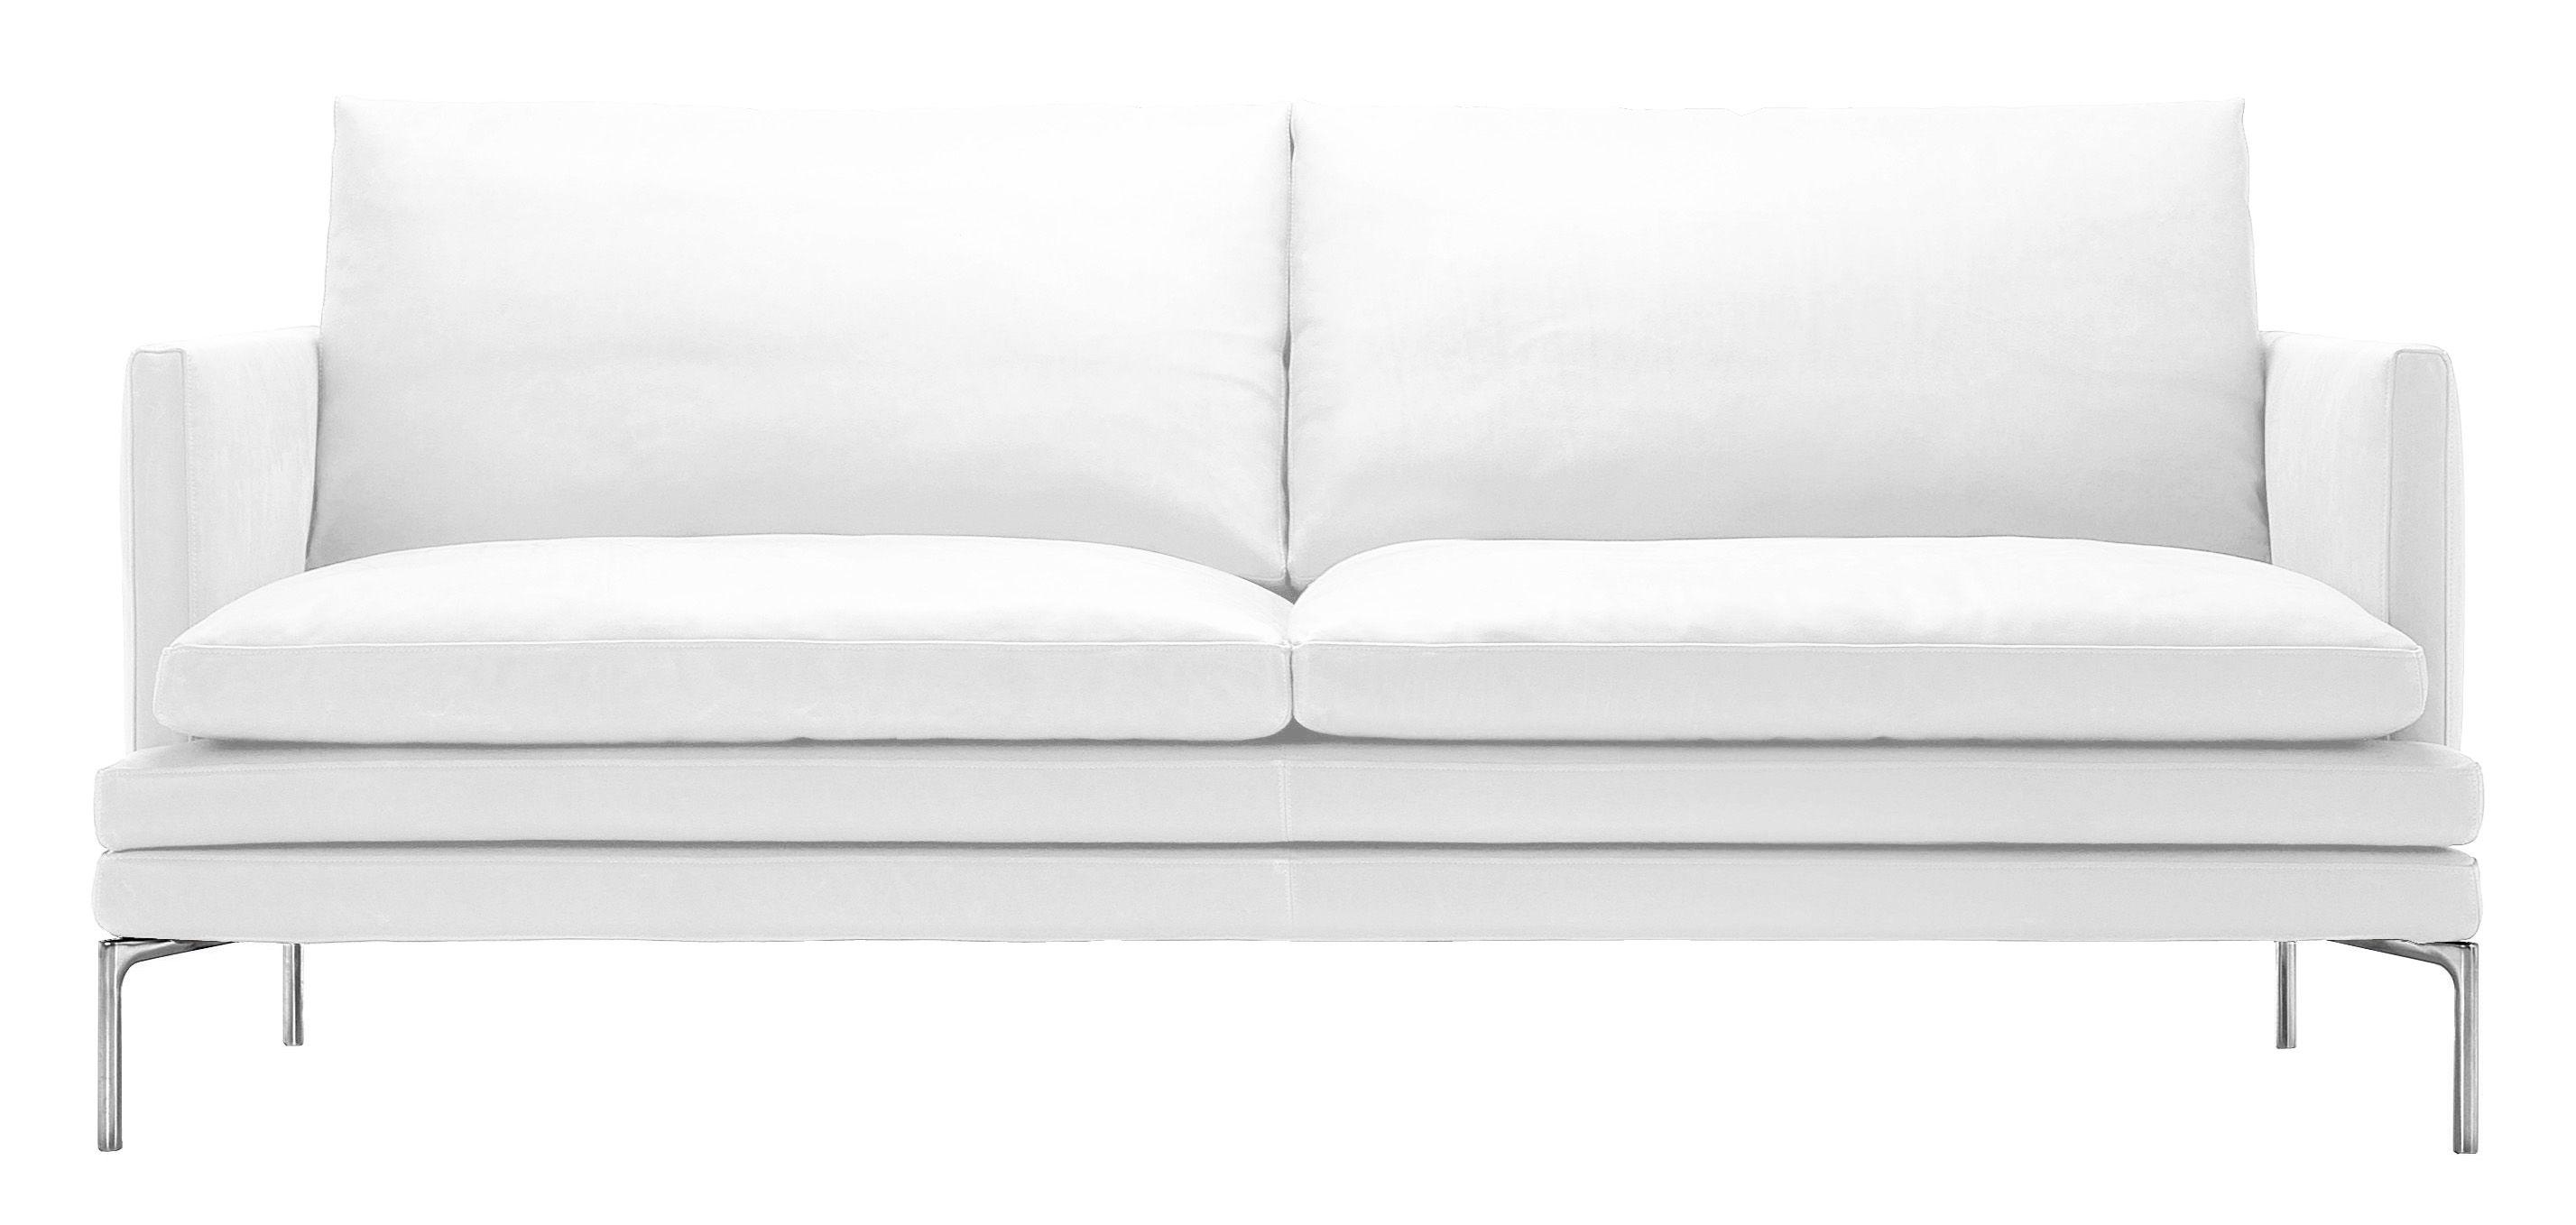 Arredamento - Divani moderni - Divano destro William - versione in tessuto - 2 posti - L 180 cm di Zanotta - Tessuto - Bianco - Alluminio lucido, Tessuto